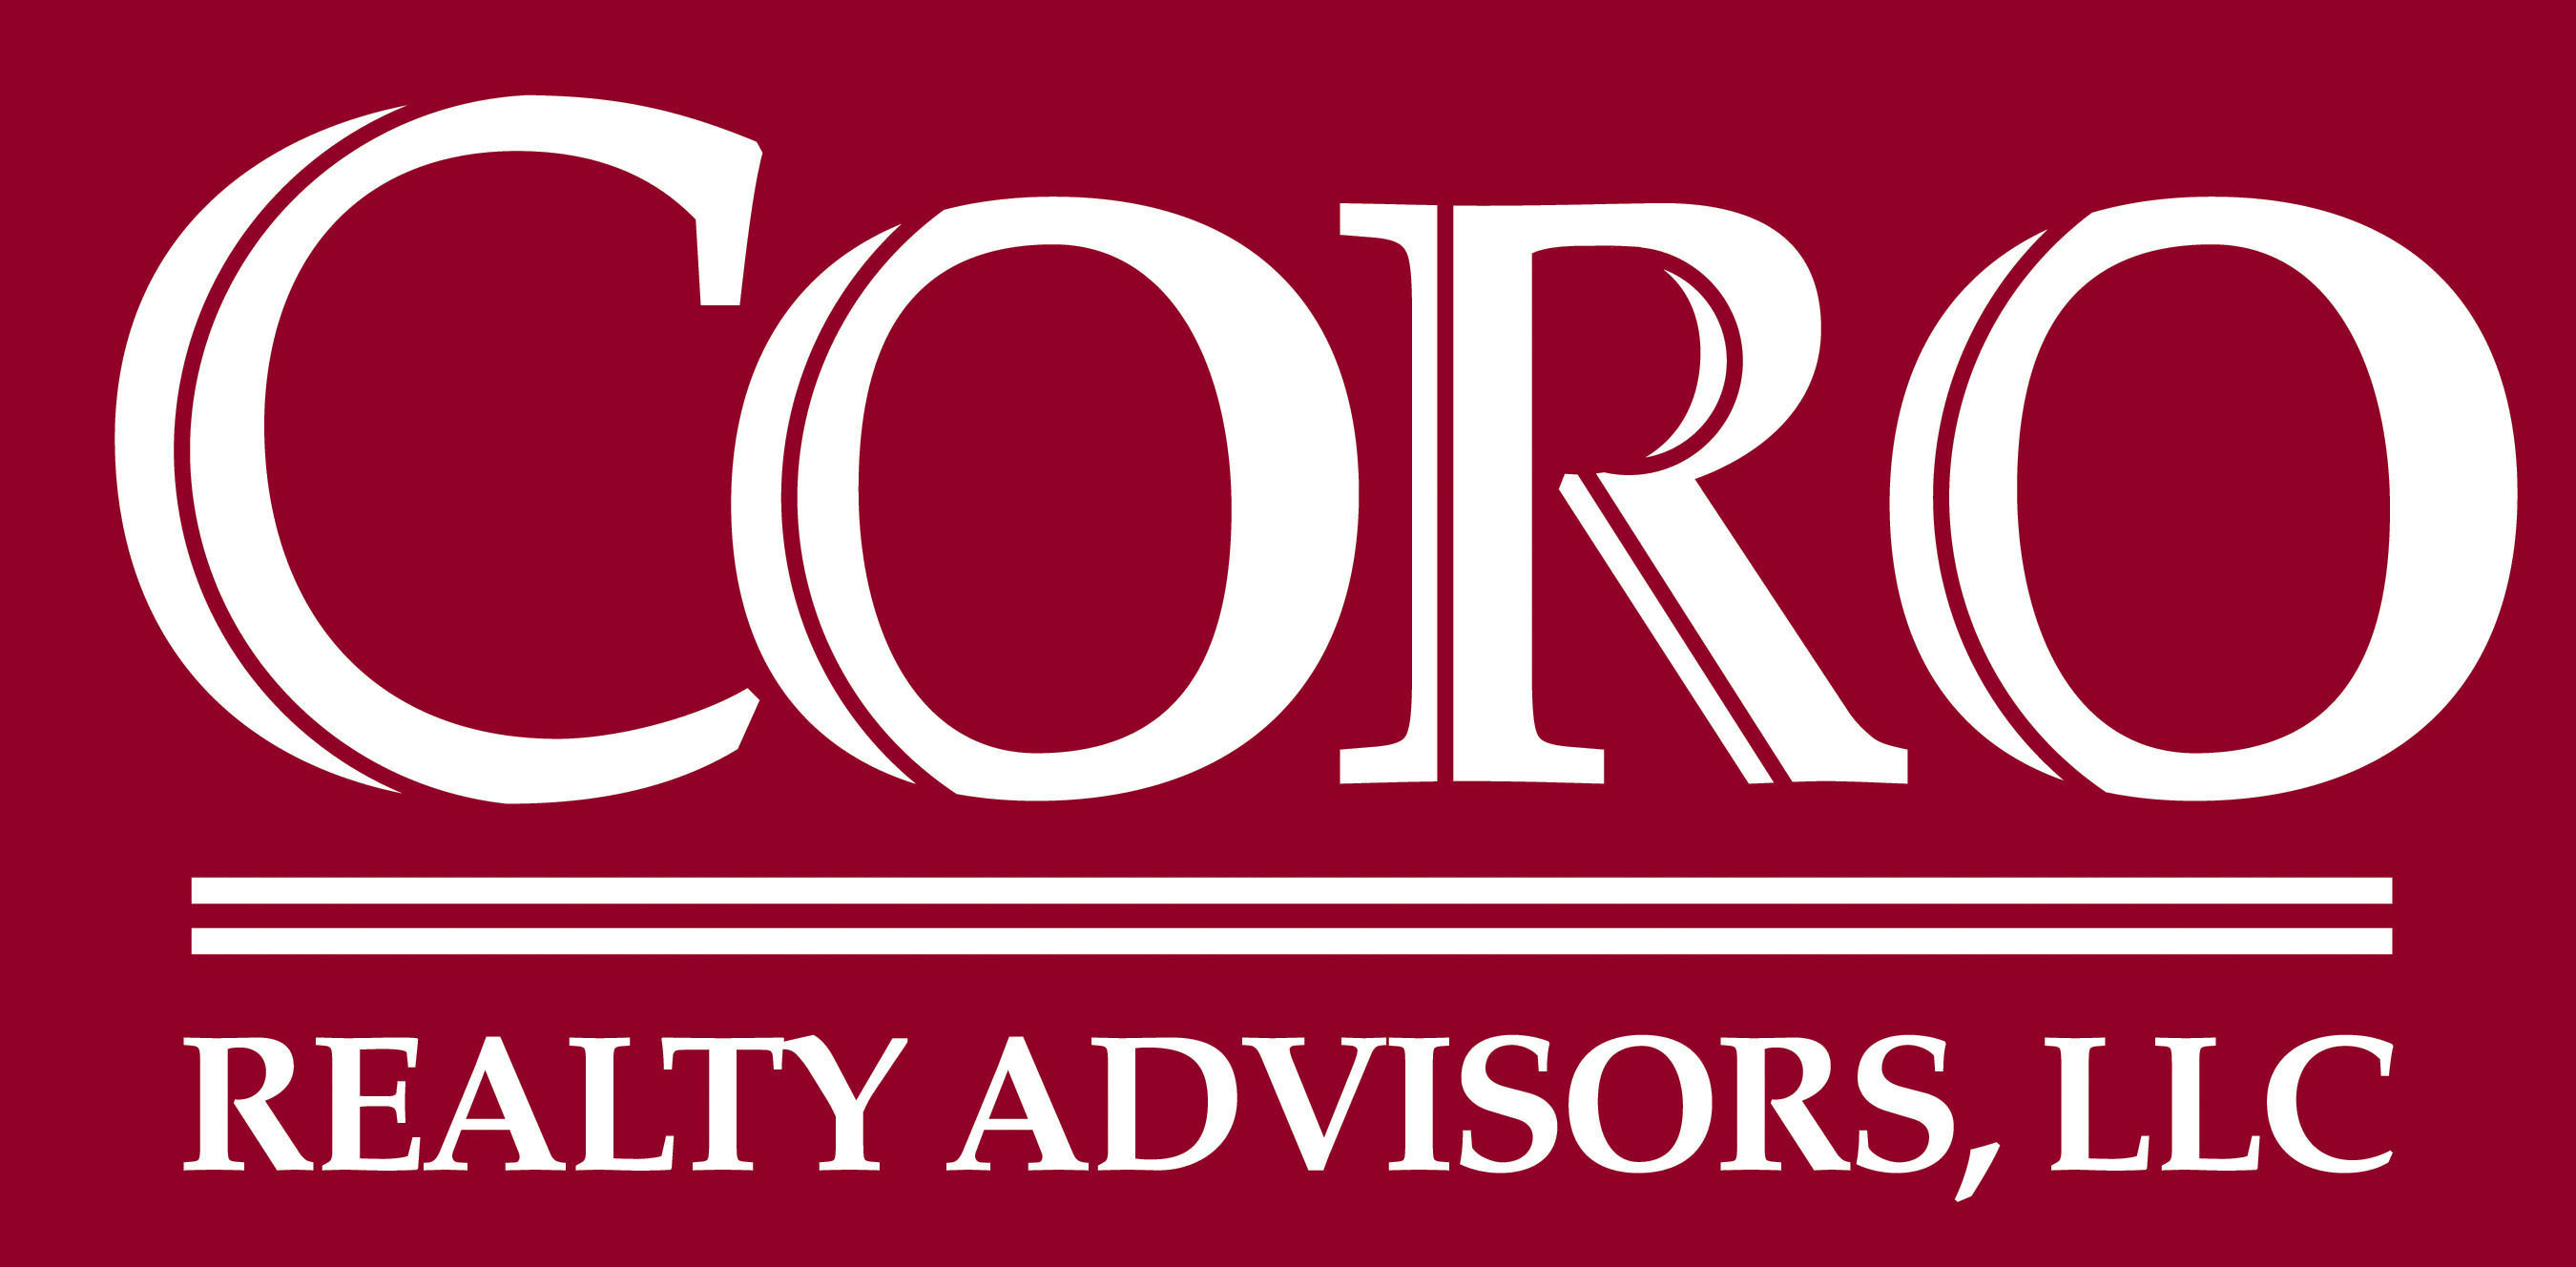 Coro Realty Logo